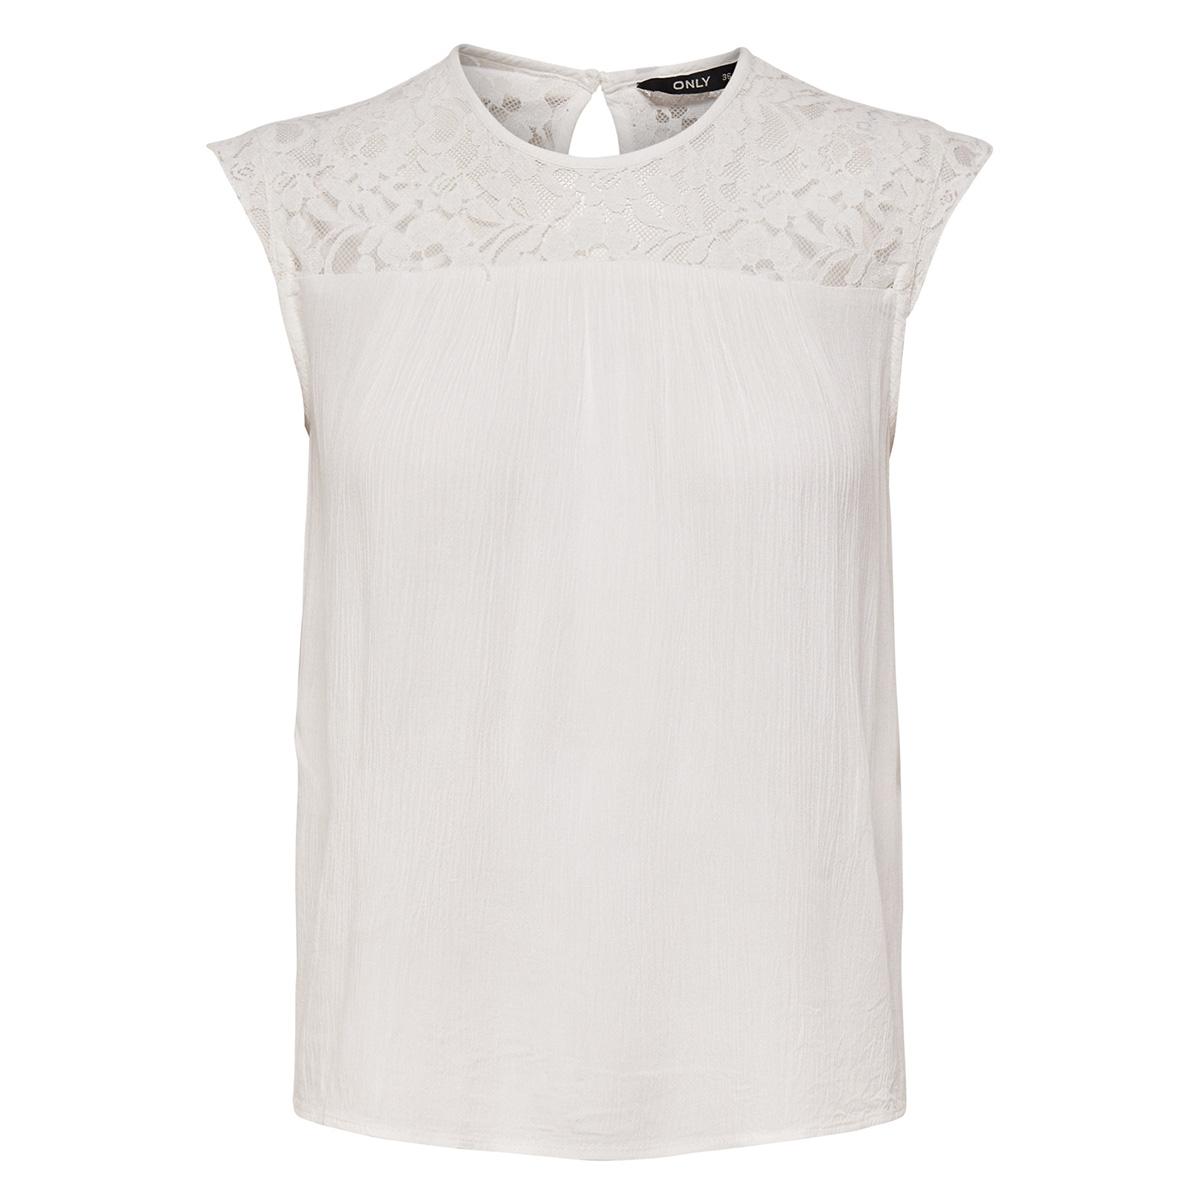 onlkarmen s/l top wvn noos 15157657 only t-shirt cloud dancer